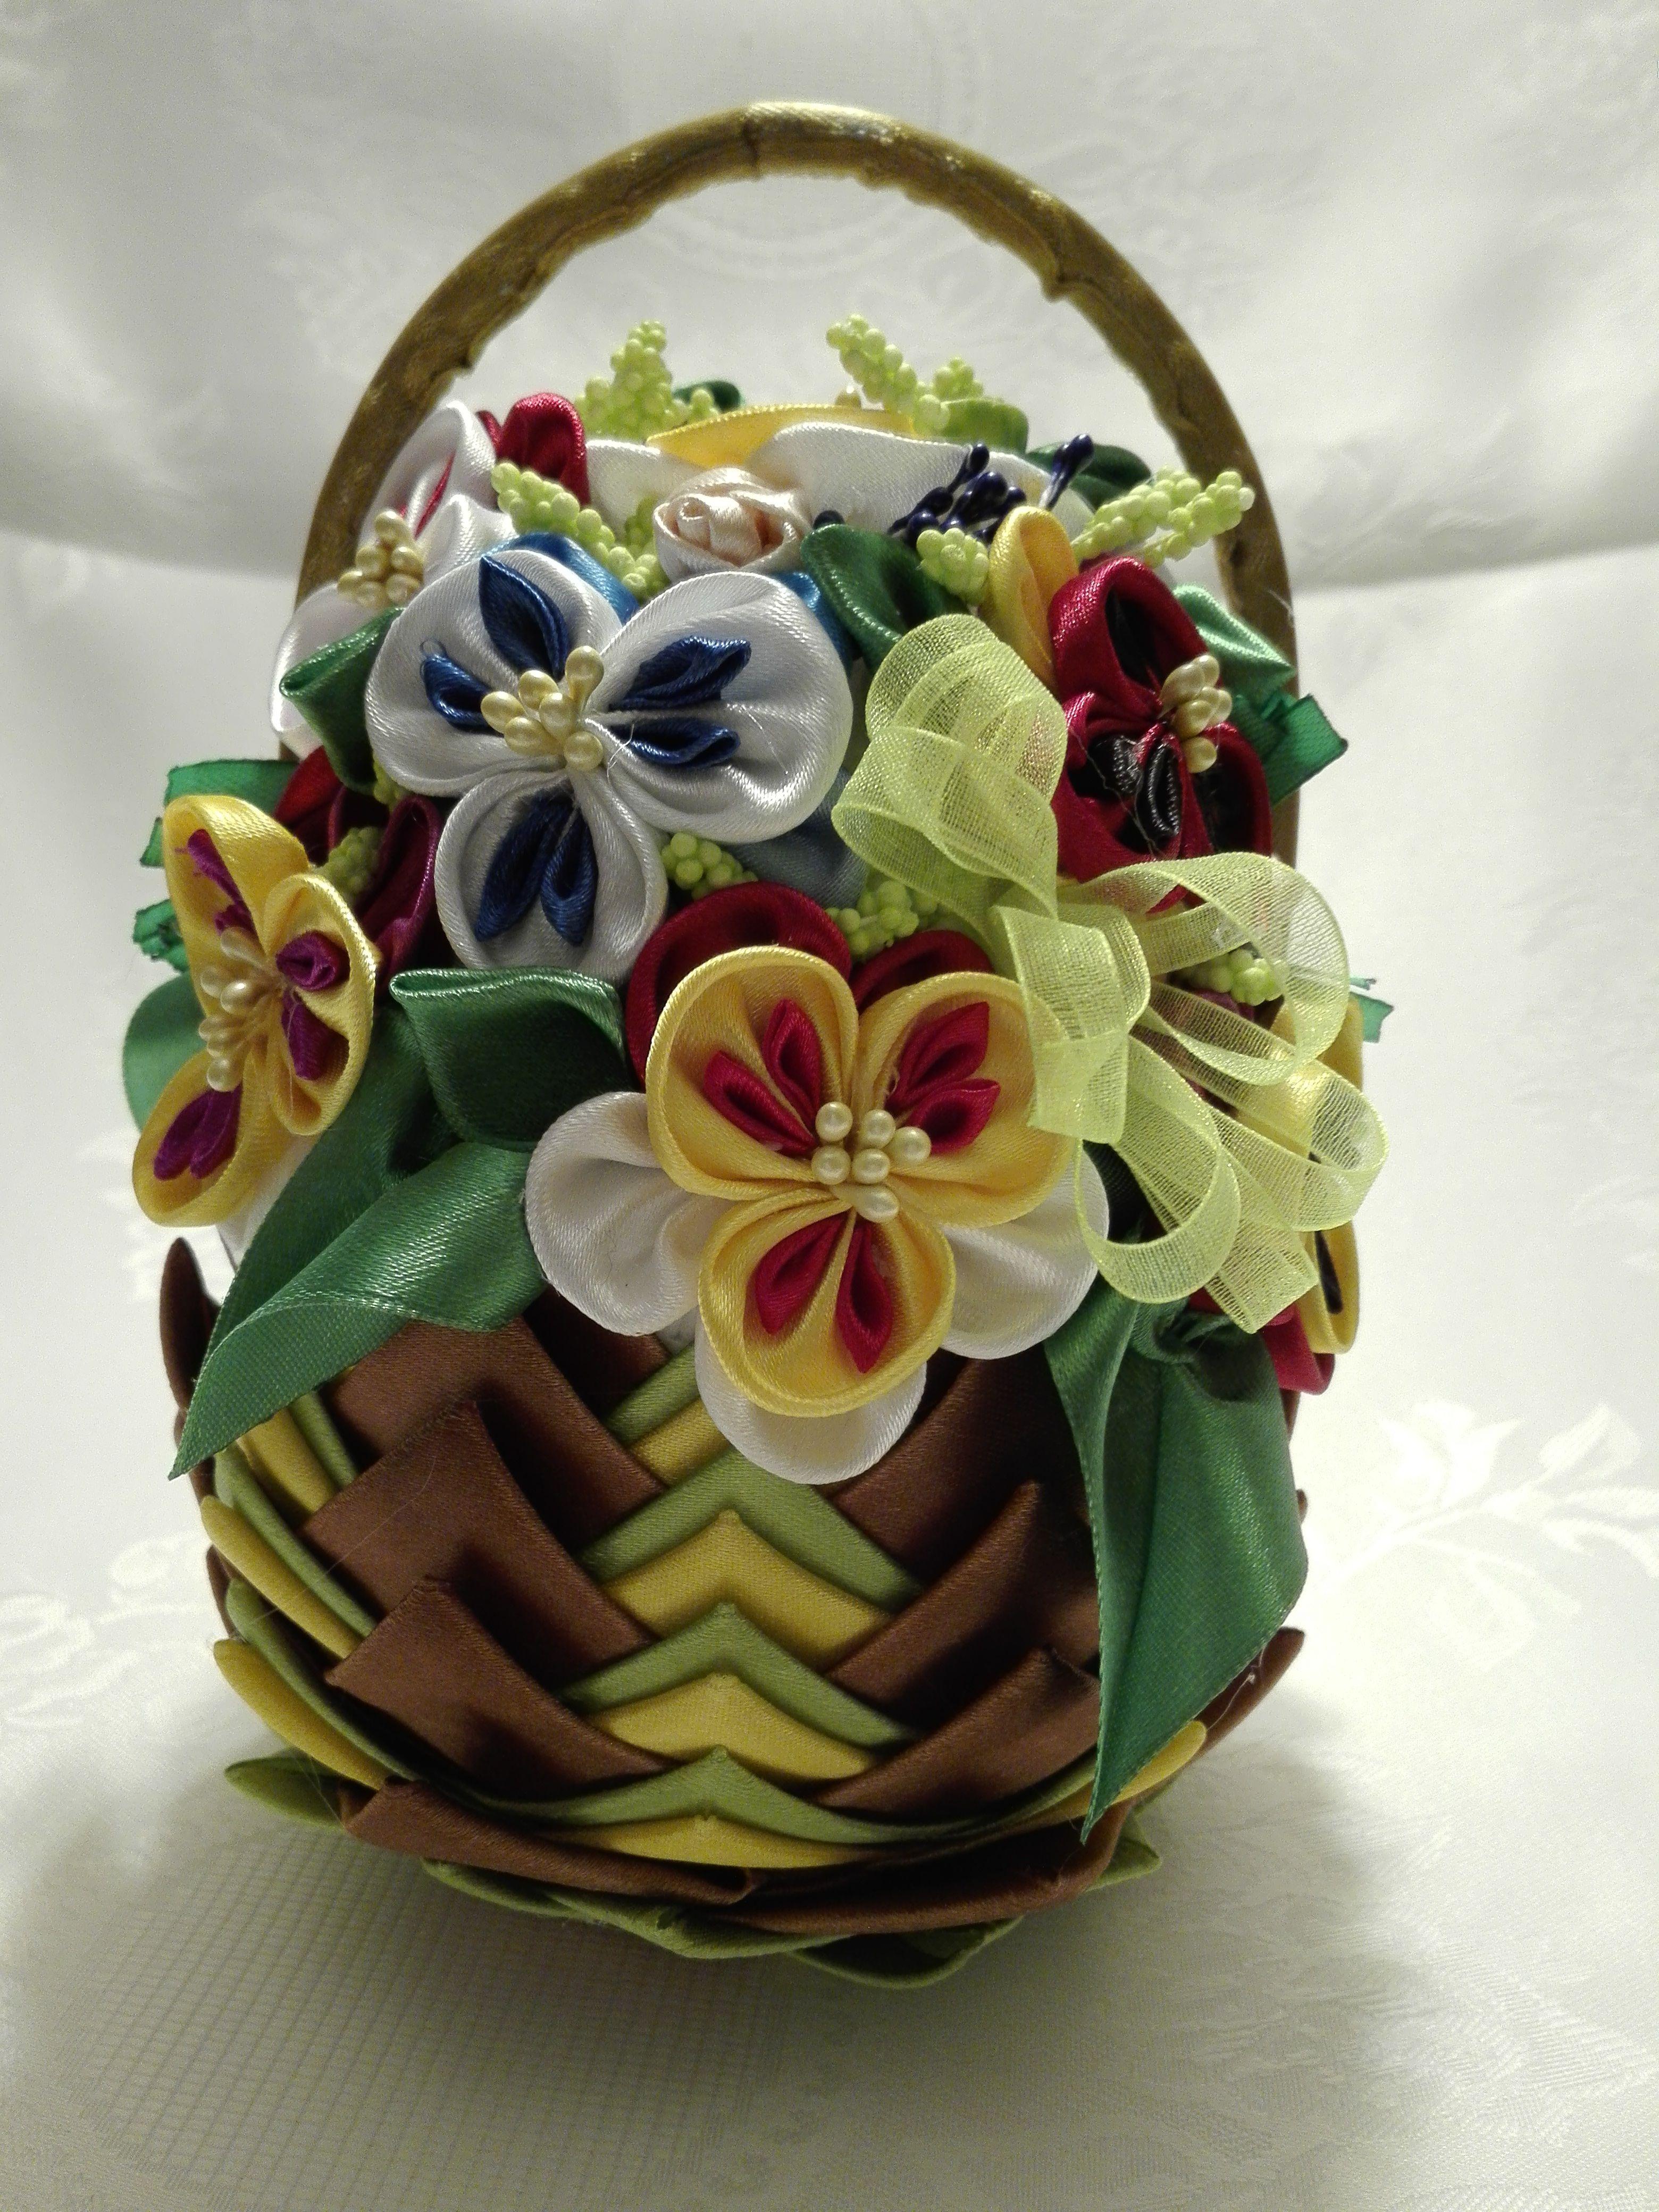 Jajko Koszyczek Quilted Ornaments Fabric Flowers Cloth Flowers